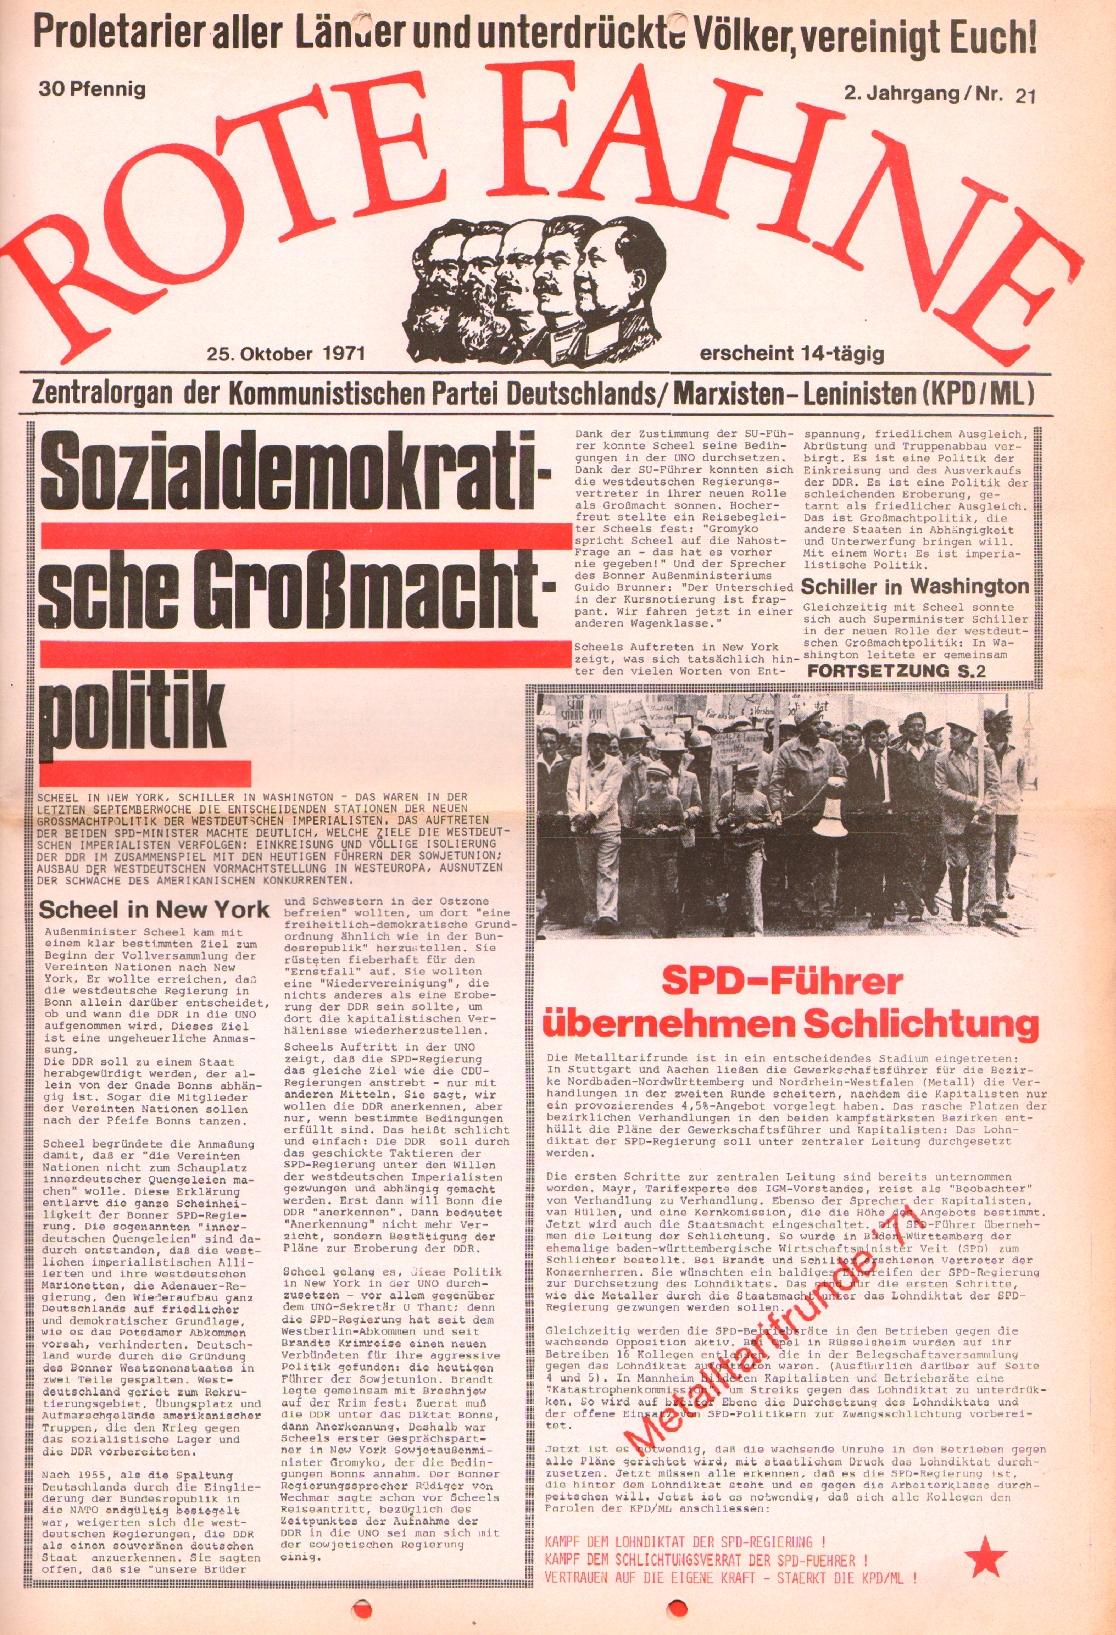 Rote Fahne, 2. Jg., 25.10.1971, Nr. 21, Seite 1